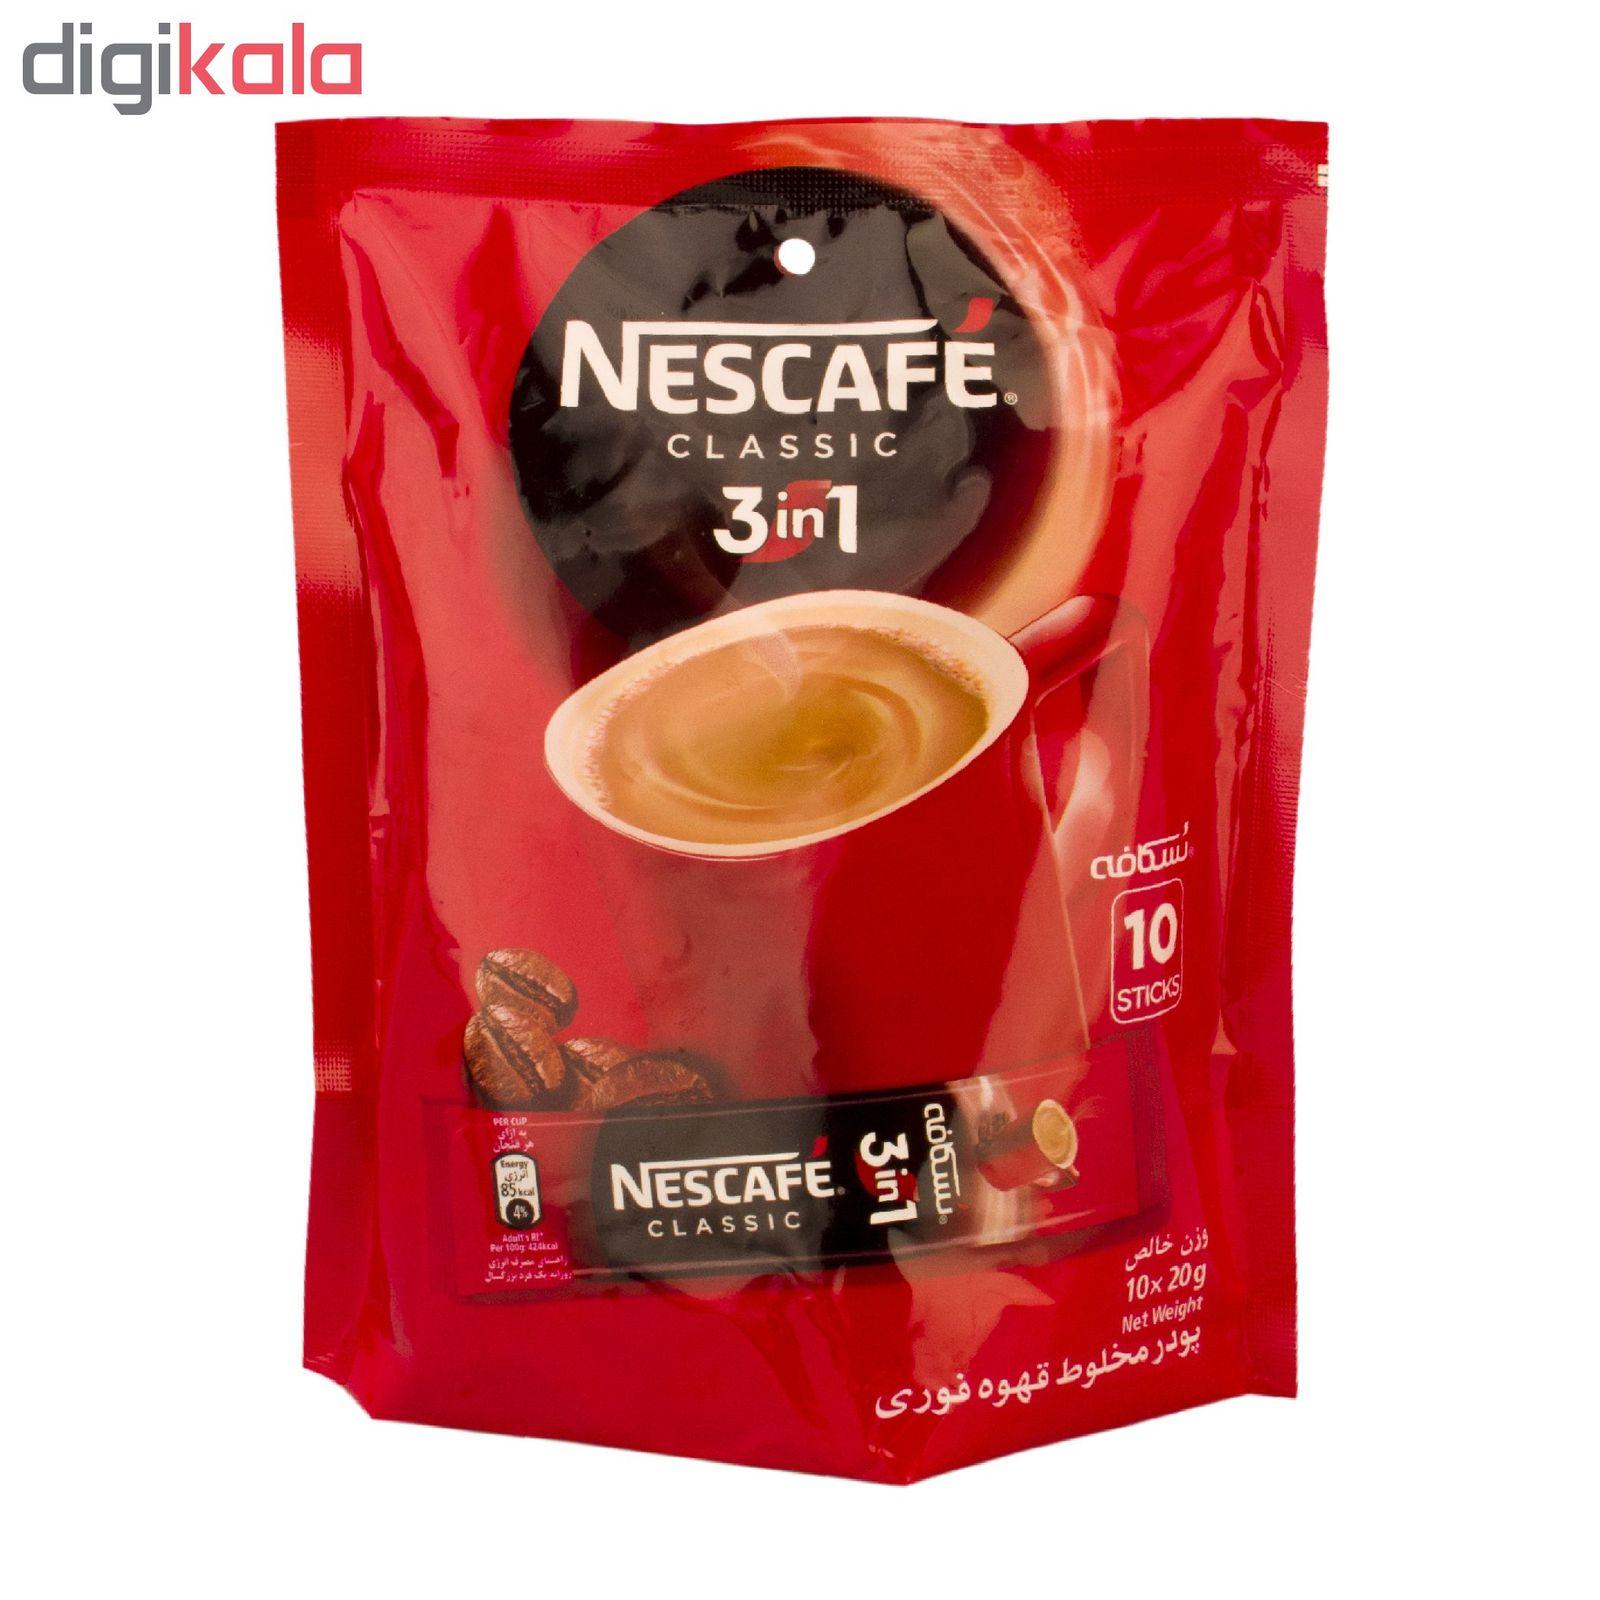 قهوه فوری کافی میکس نستله بسته 10 عددی main 1 1